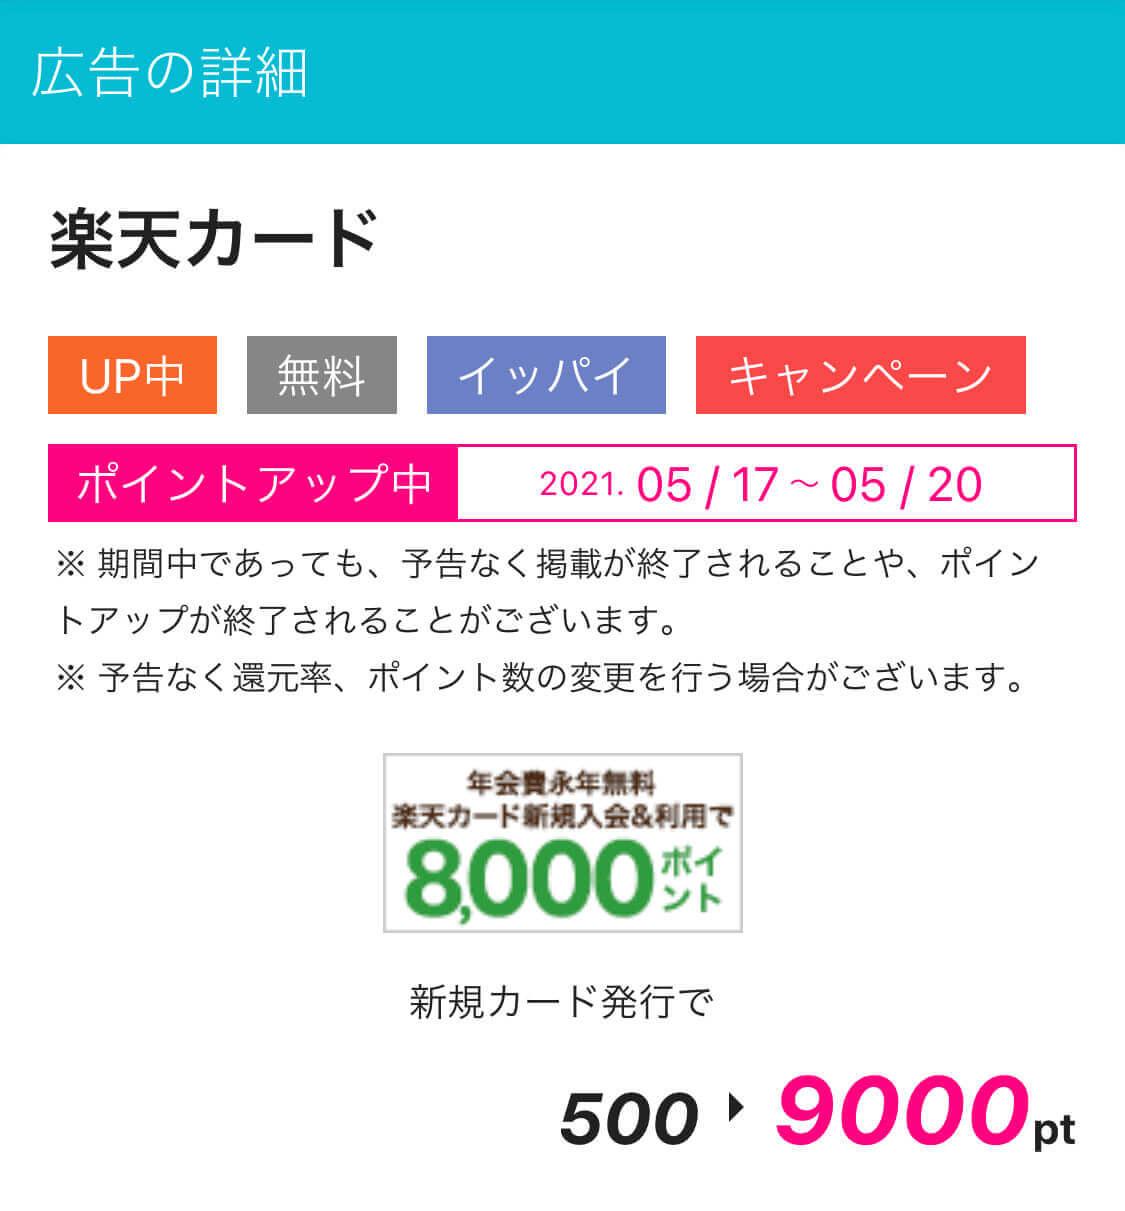 【ハピタスおすすめ案件】楽天カード